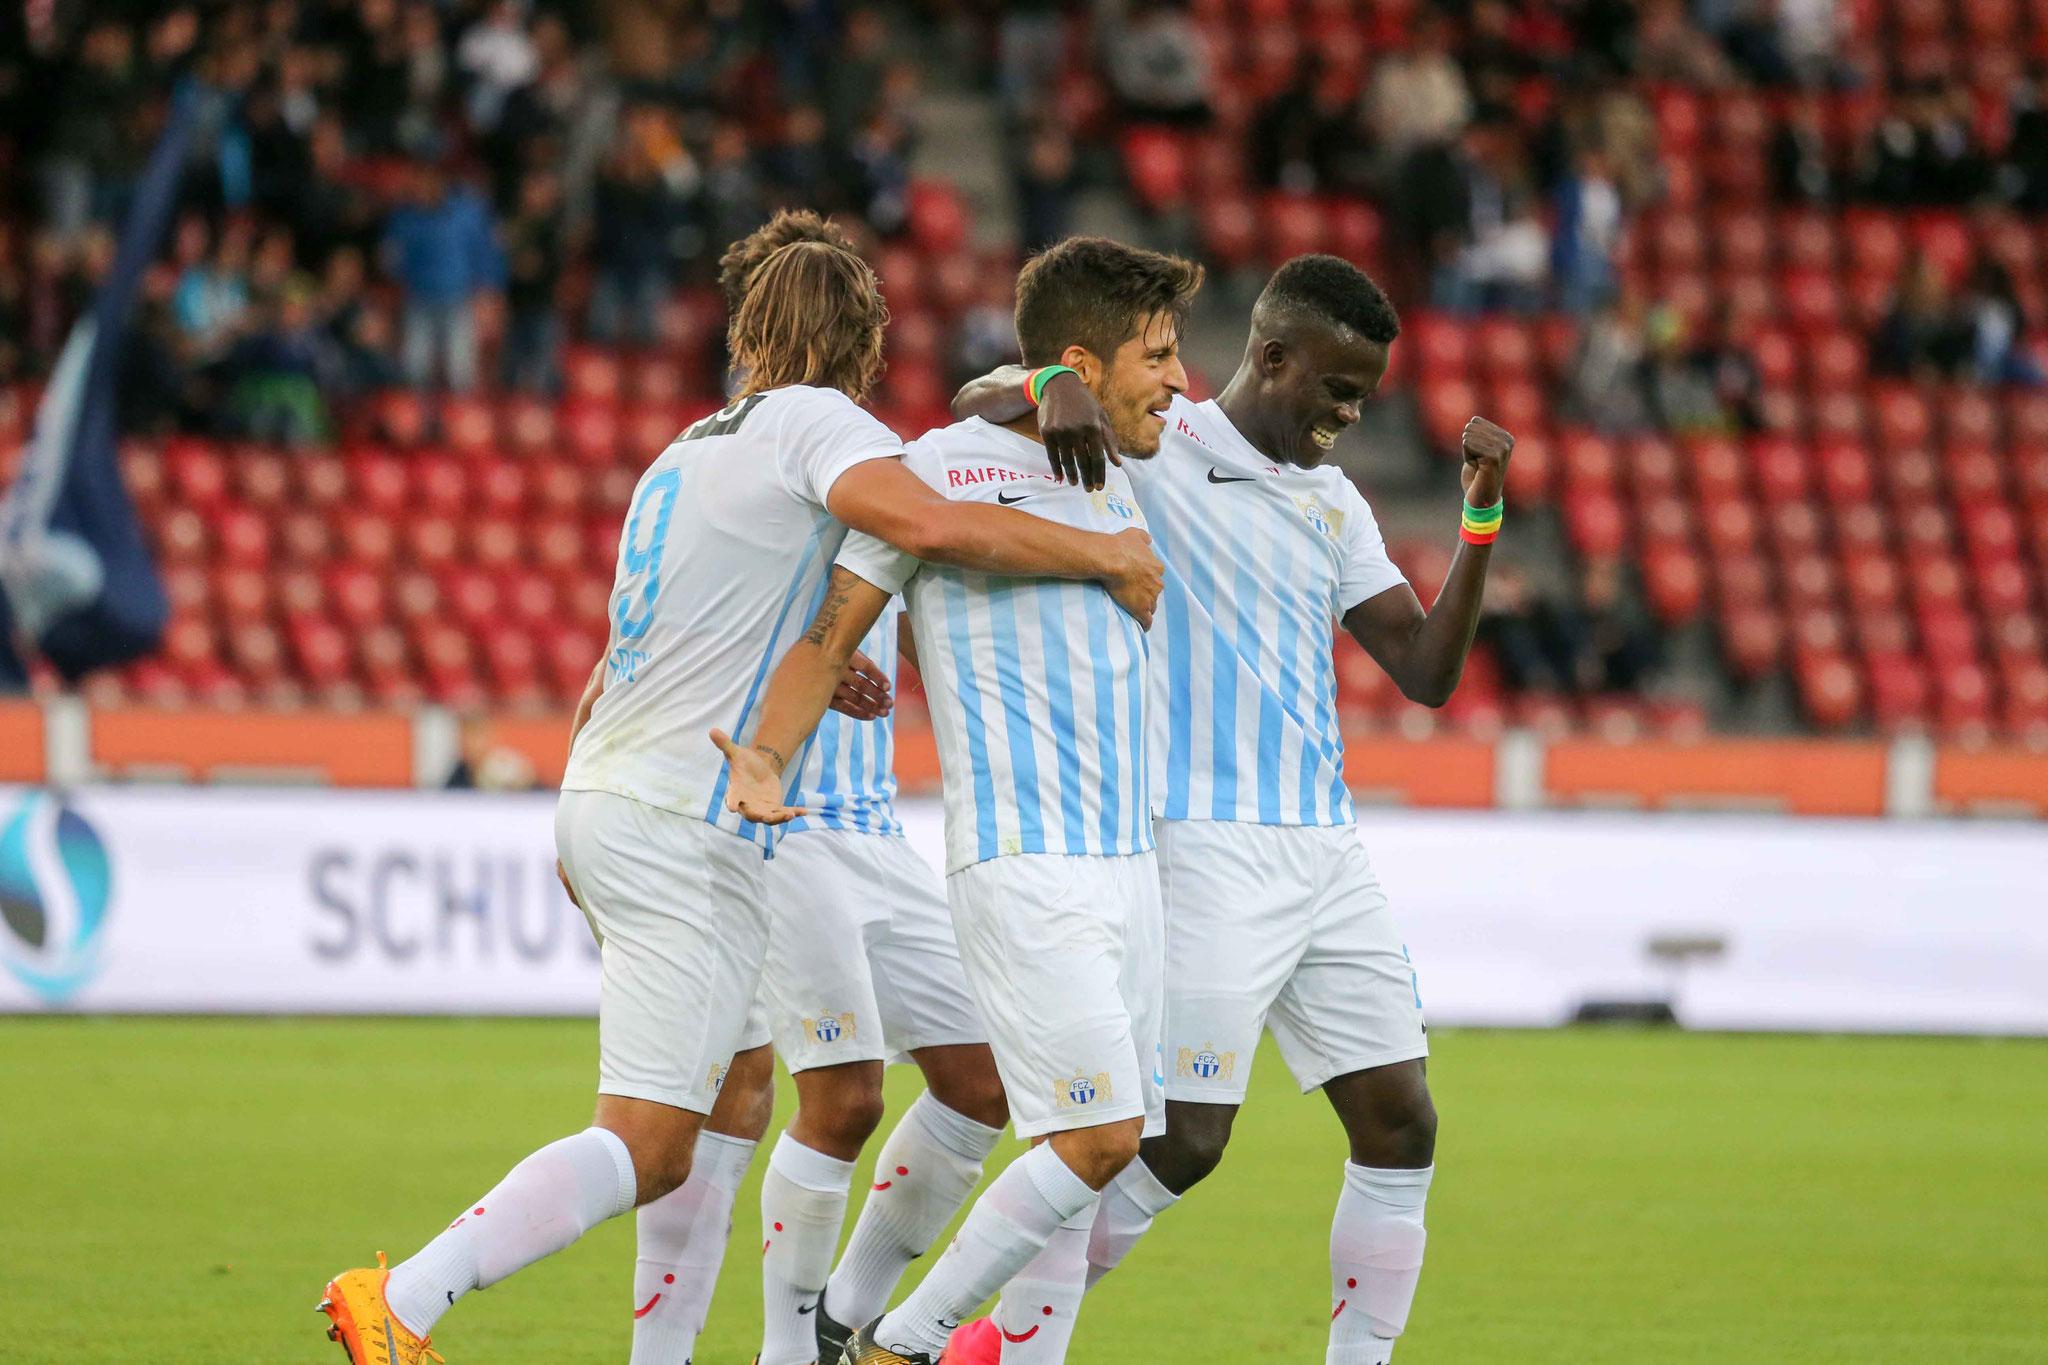 10.08.2017 FC Zürich - FC Sion